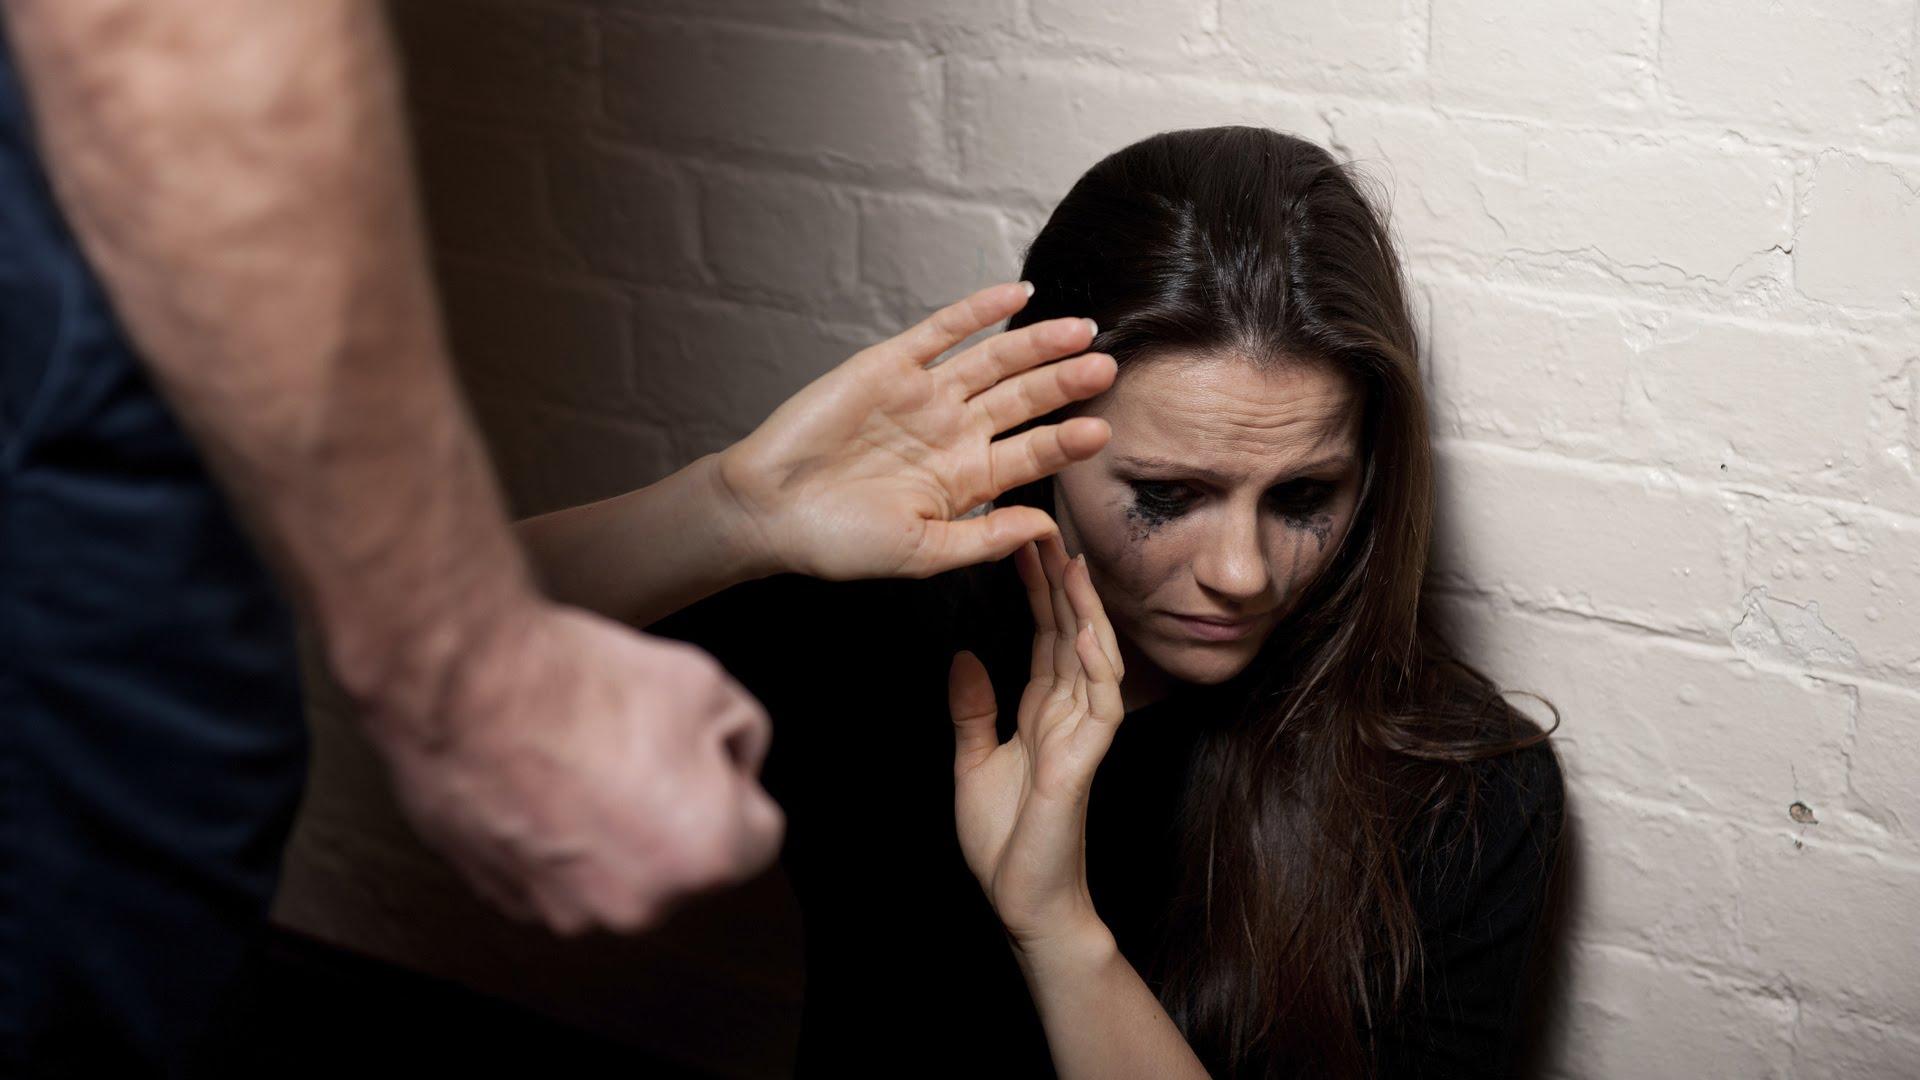 Polícia Militar prende homem por violência doméstica em São Miguel do Oeste